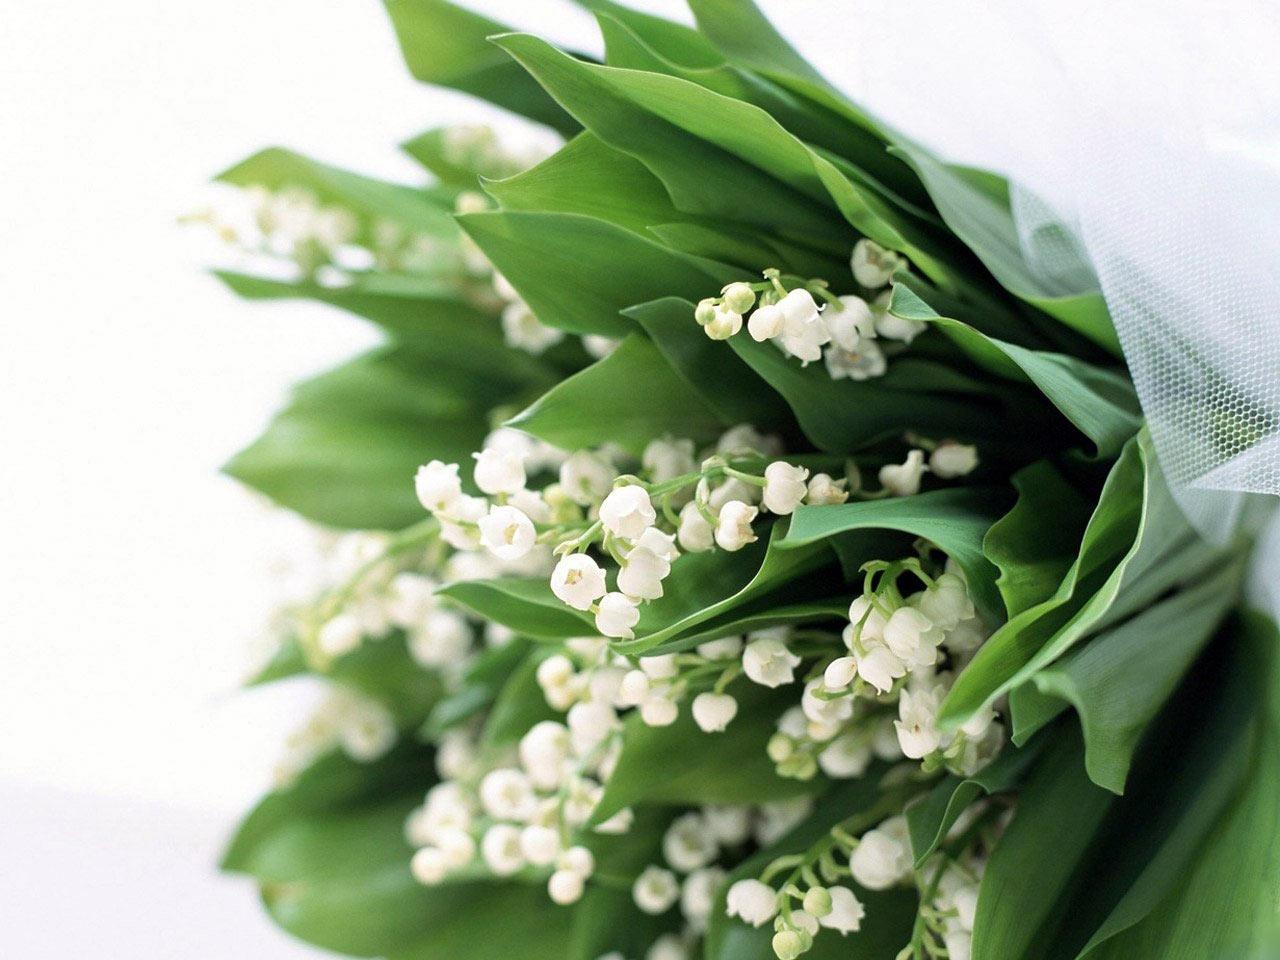 36019 Hintergrundbild herunterladen Pflanzen, Blumen, Maiglöckchen - Bildschirmschoner und Bilder kostenlos